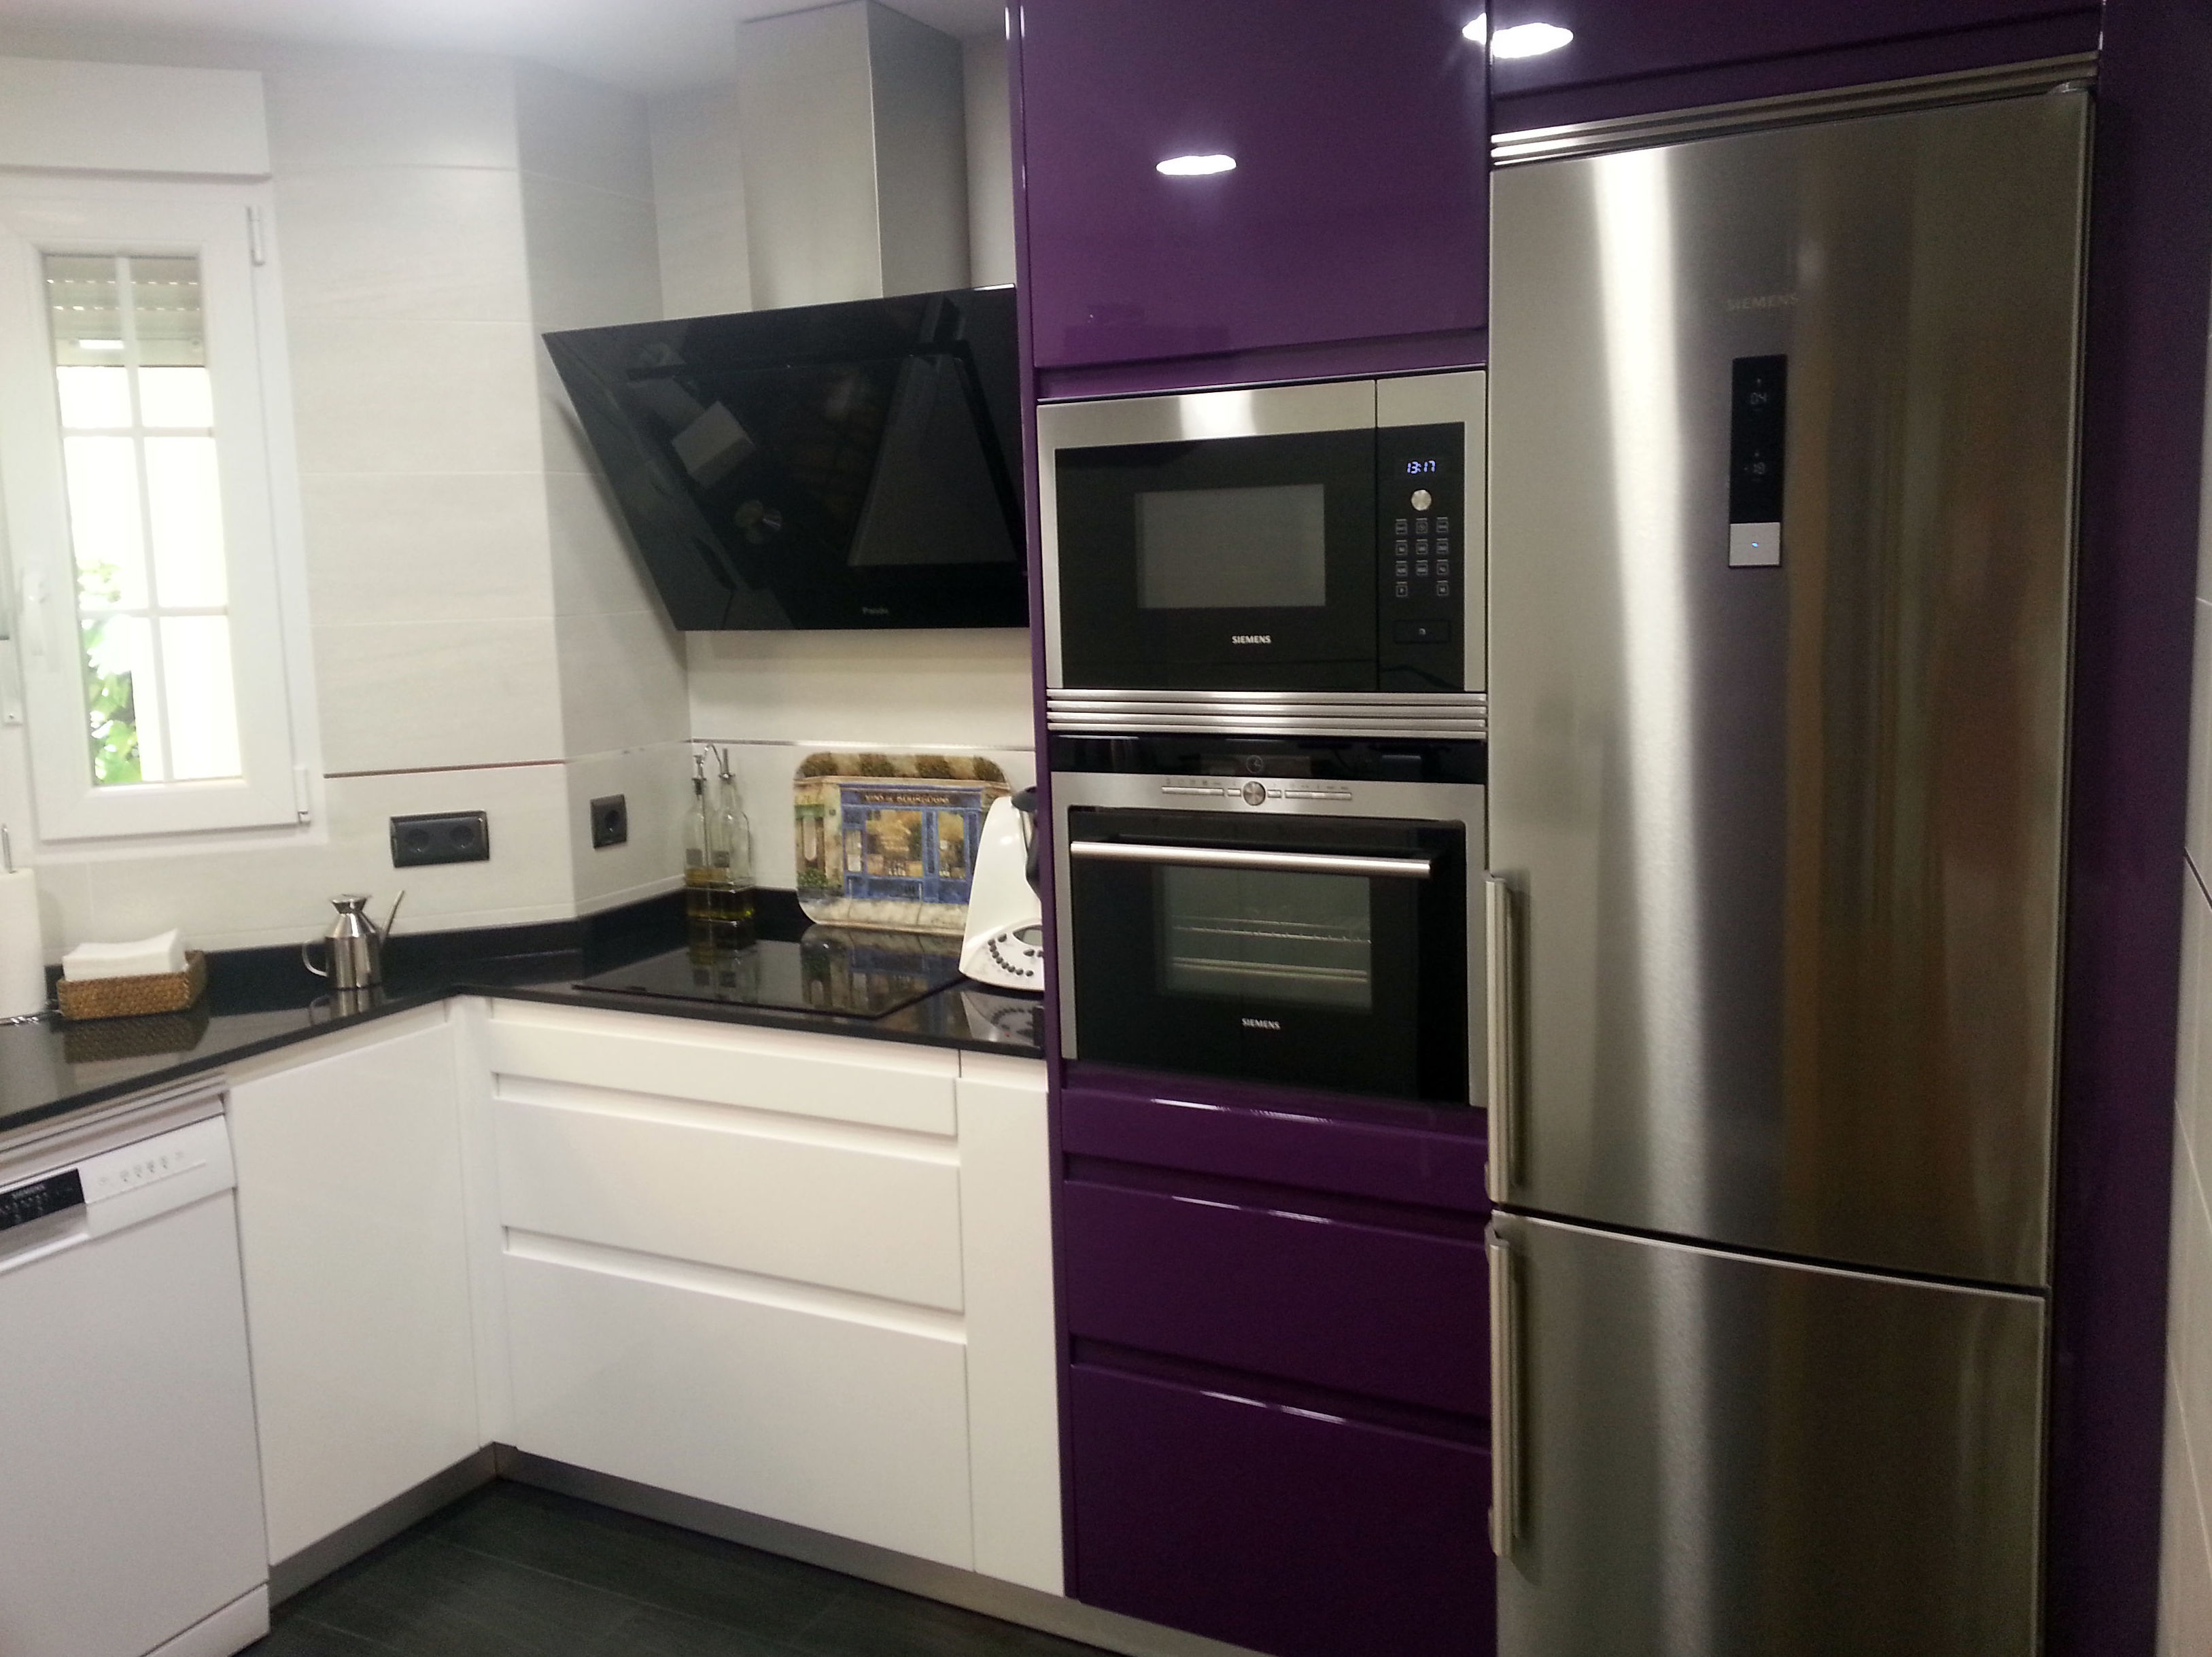 Muebles de cocina, baño y electrodomésticos